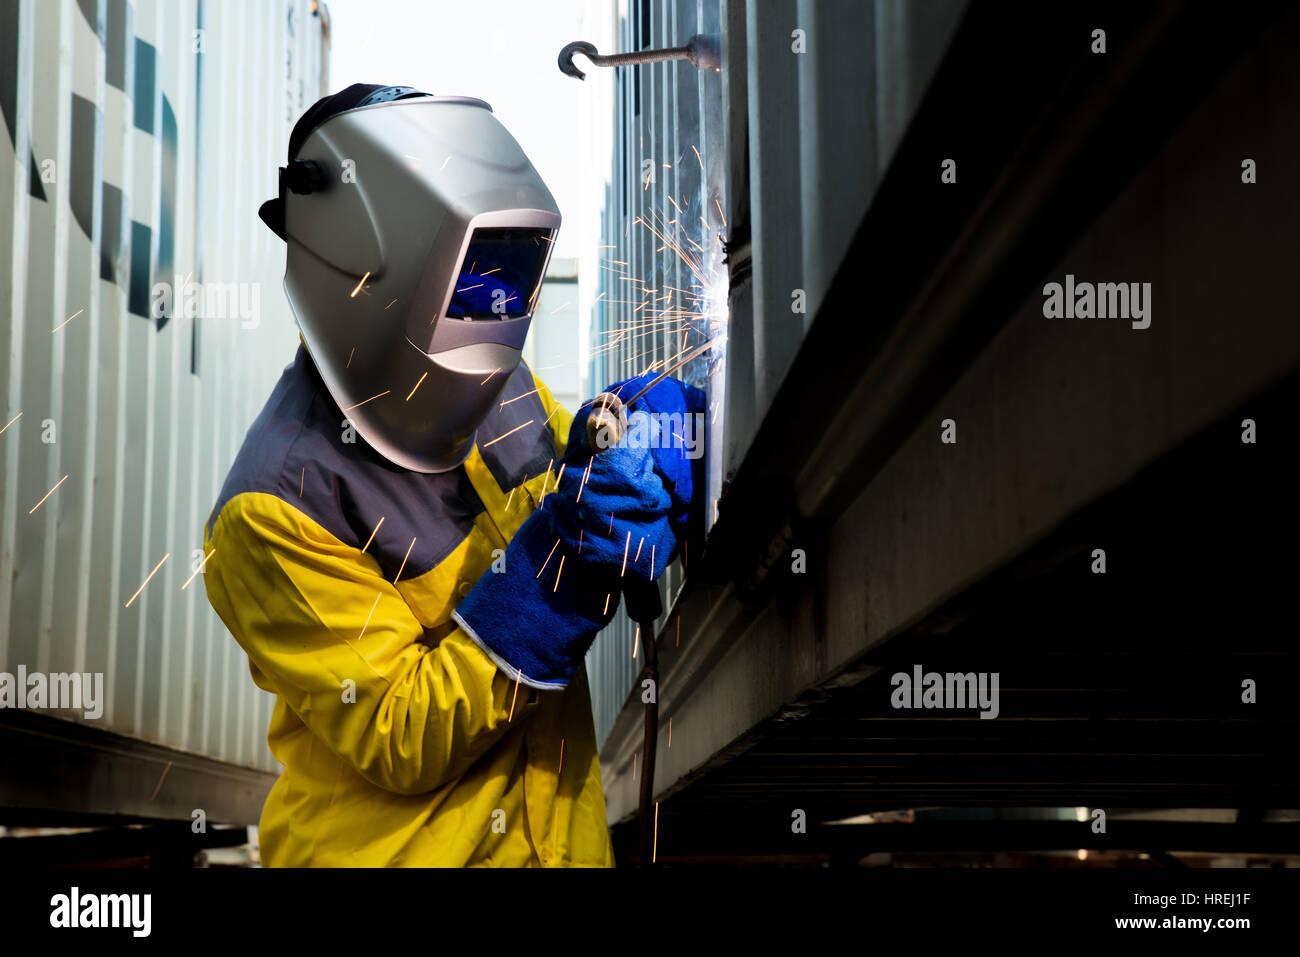 Trabalhador da indústria com soldagem de chapas de aço para reparar estruturas recipiente fabrico oficina. Imagens de Stock